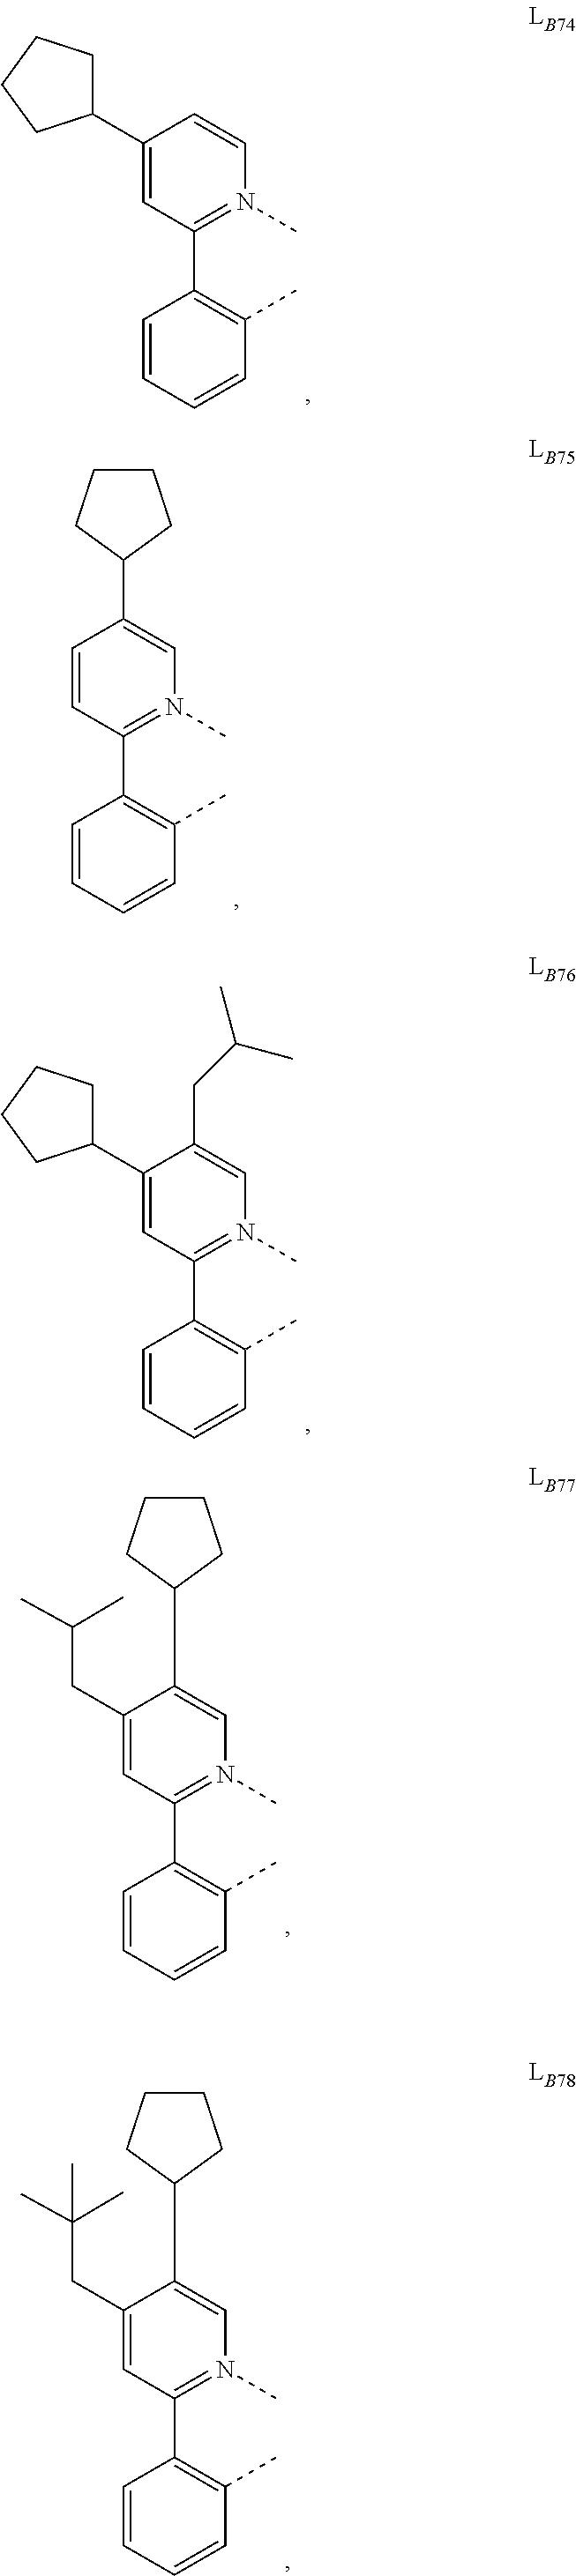 Figure US20160049599A1-20160218-C00128